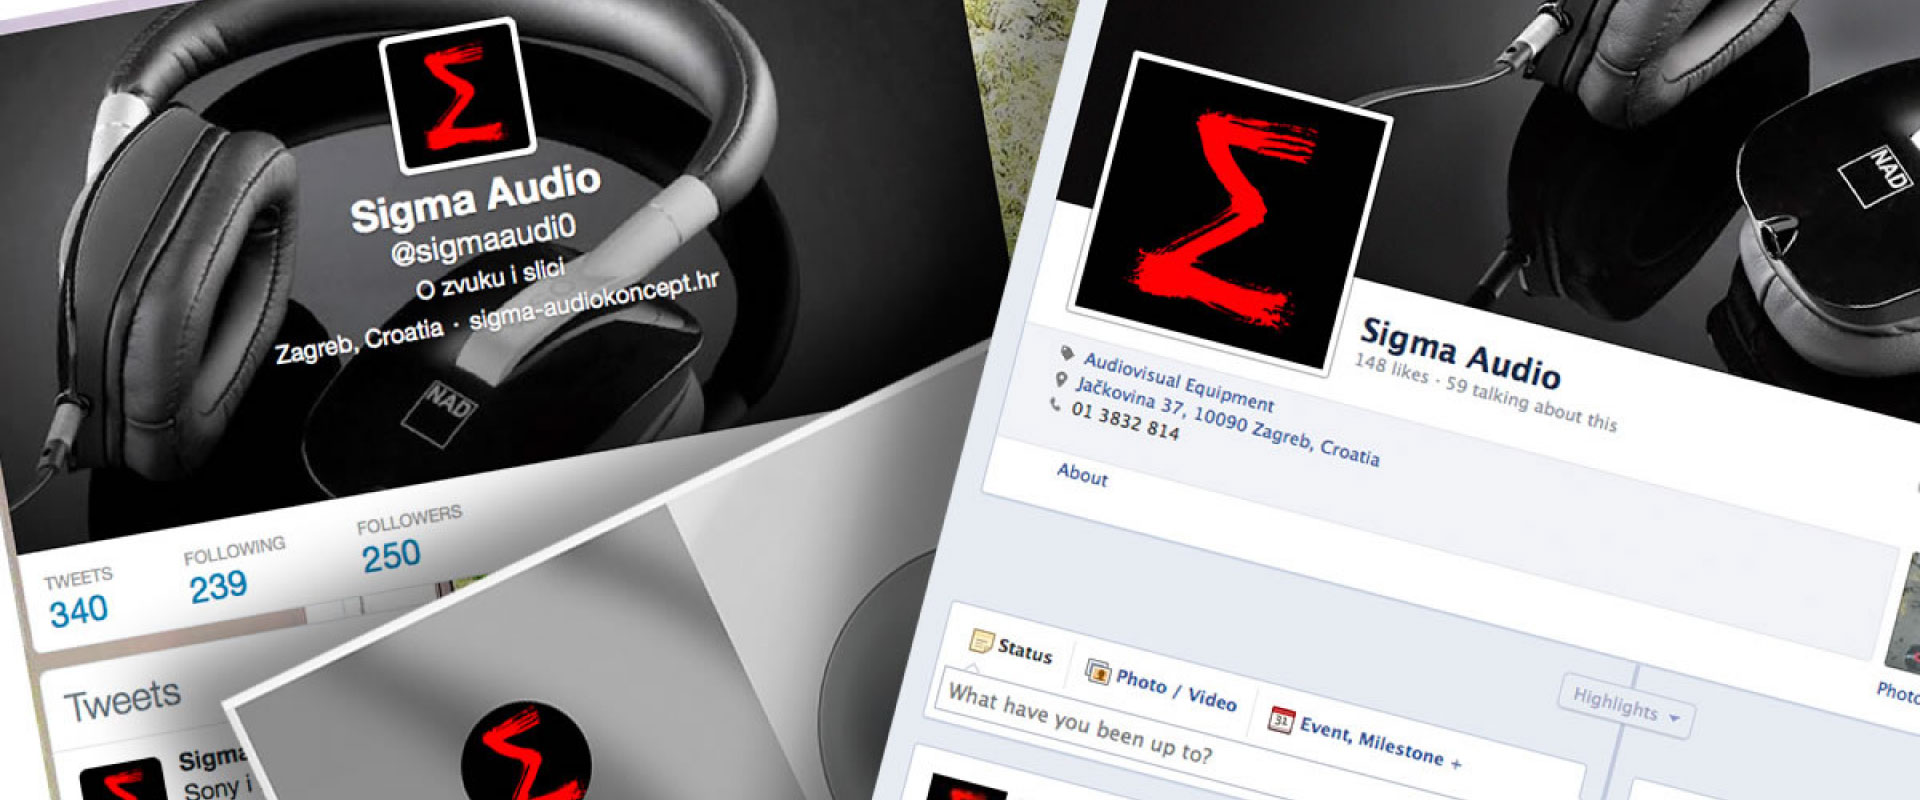 Sigma Audio Na Drustvenim Mrezama 01